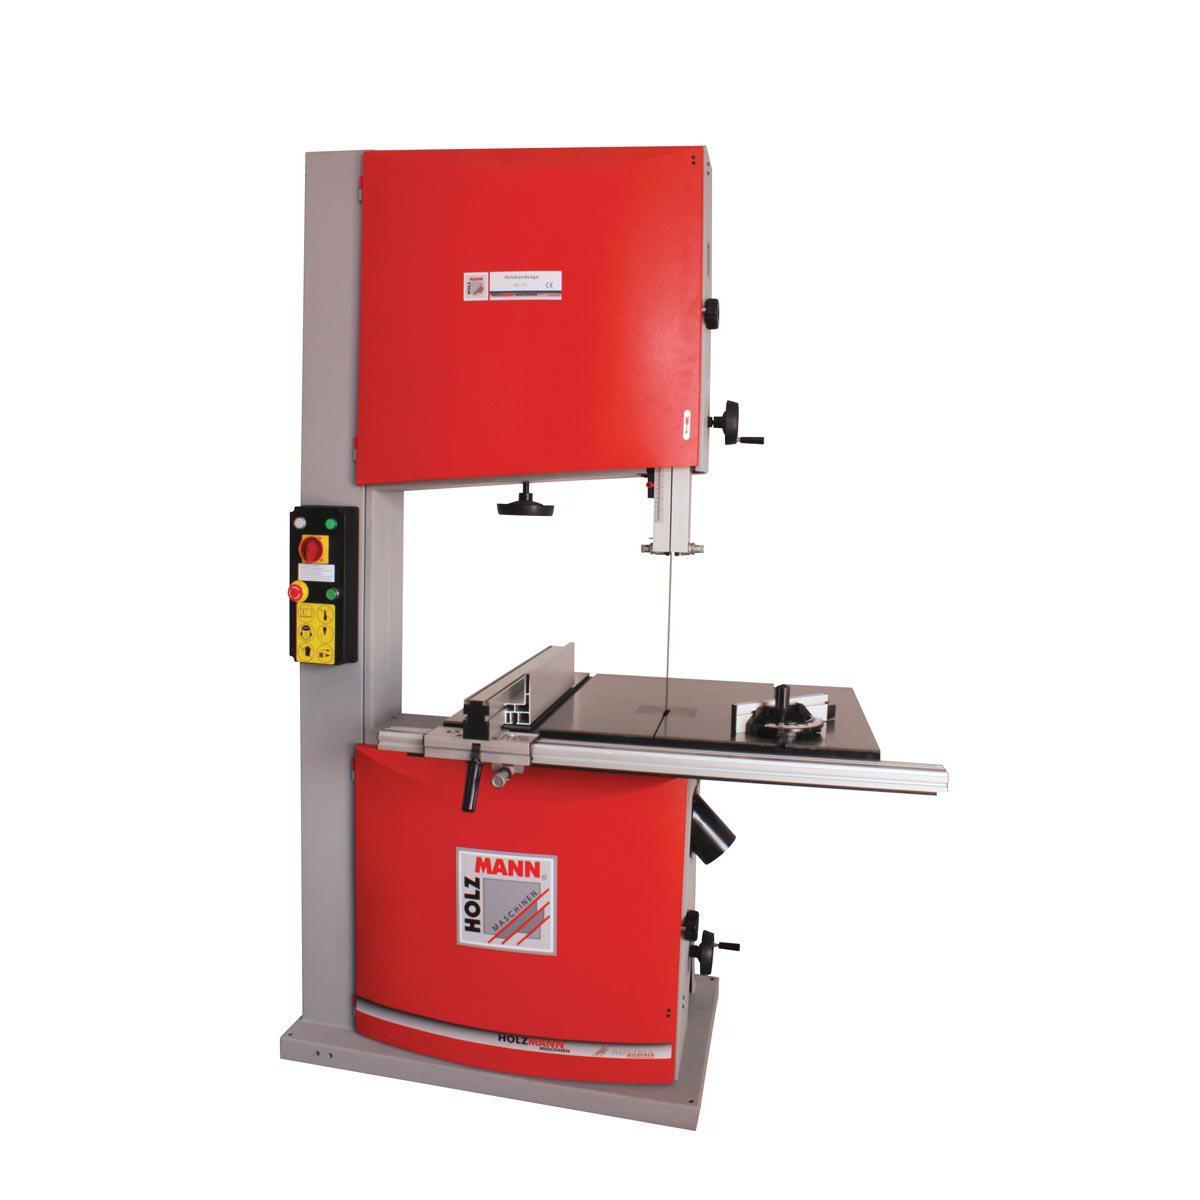 Holzmann, HBS800, Pásová pila Holzmann HBS800, je velmi kvalitní